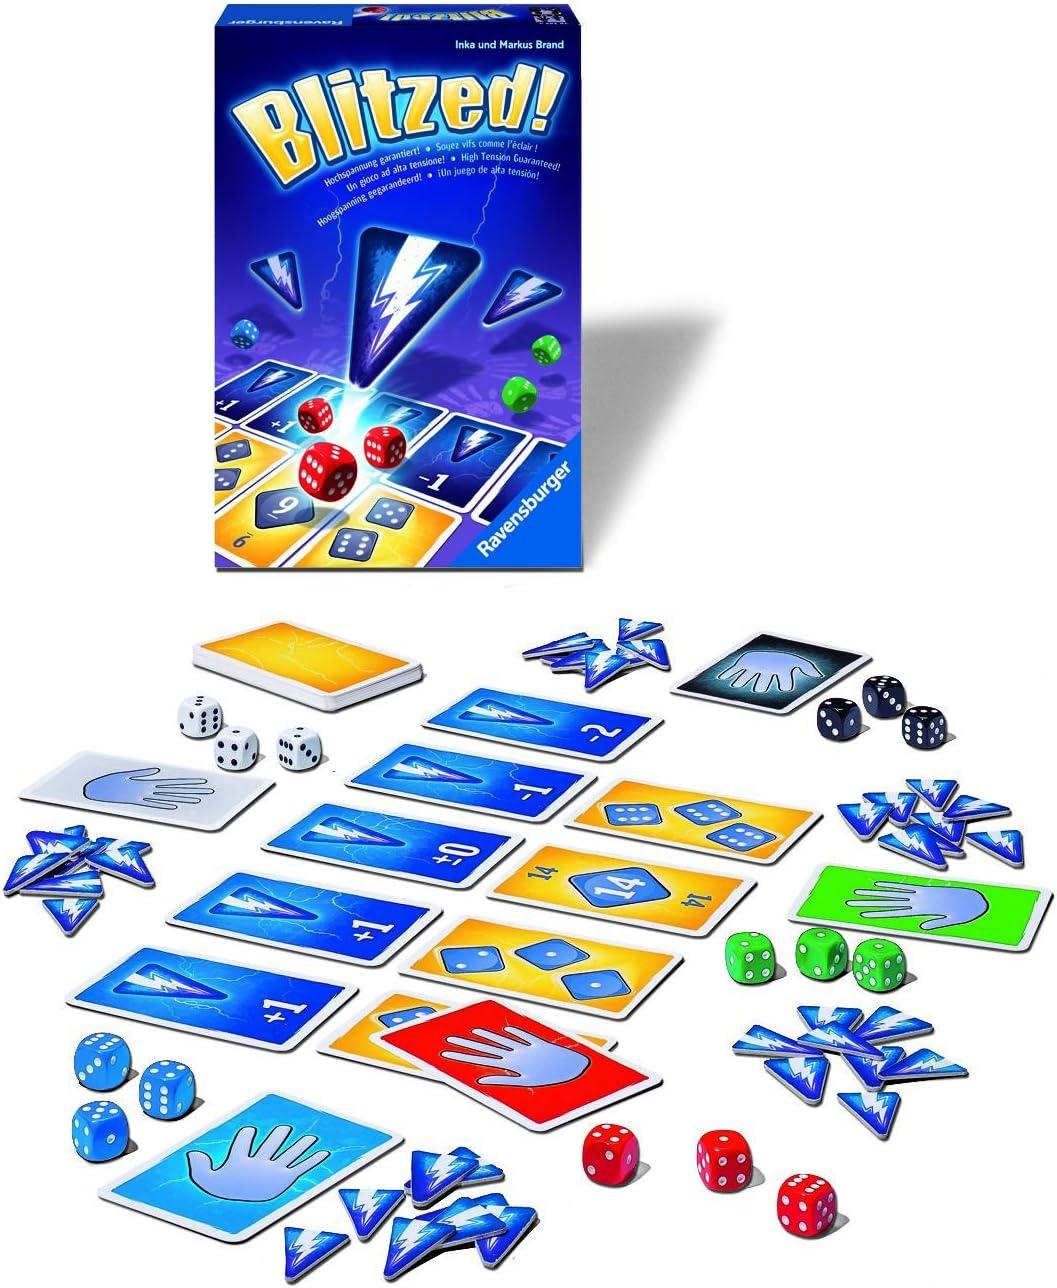 Ravensburger - Juguete de Viaje, 5 Jugadores (26595) (versión en francés): Amazon.es: Juguetes y juegos